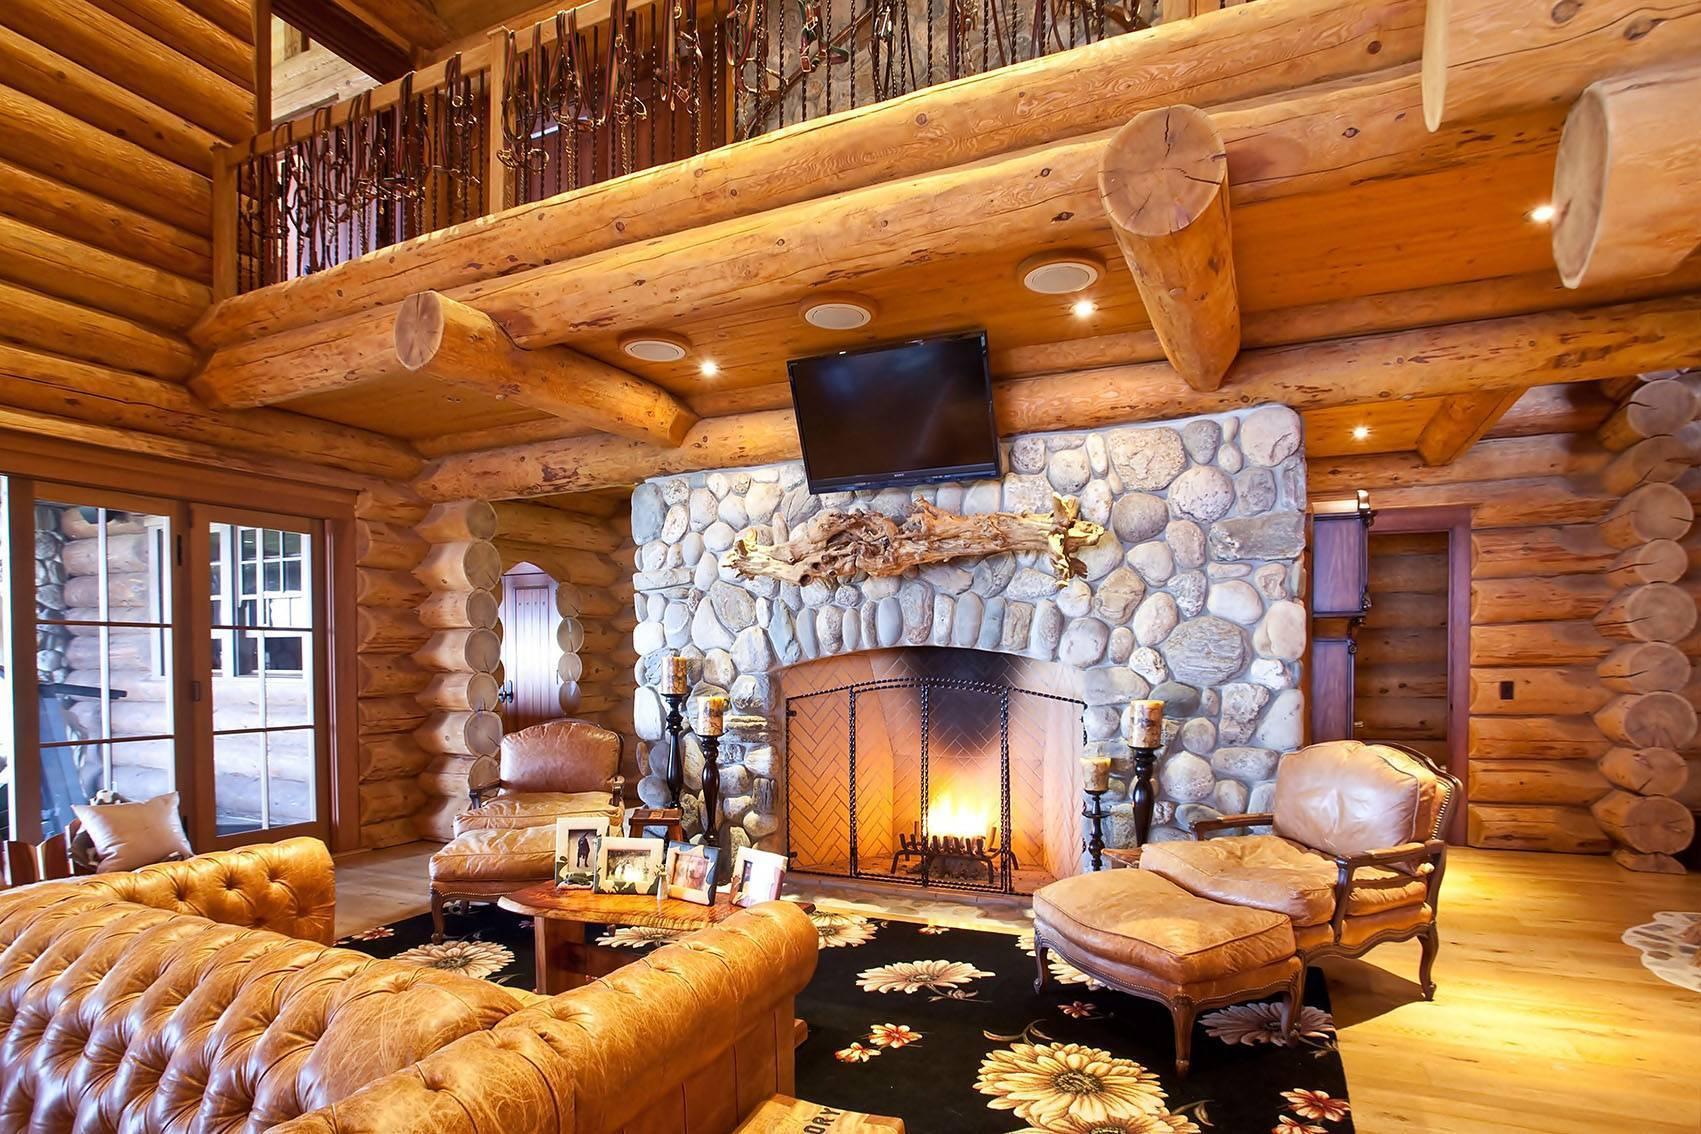 Интерьер деревянного дома - из бруса, бревна, дизайн и интересные идеи на фото, обустройство внутри, отделка помещений и мансарды, освещение, обстановка кухни, гостиной, спальни, в скандинавском, деревенском и других стилях